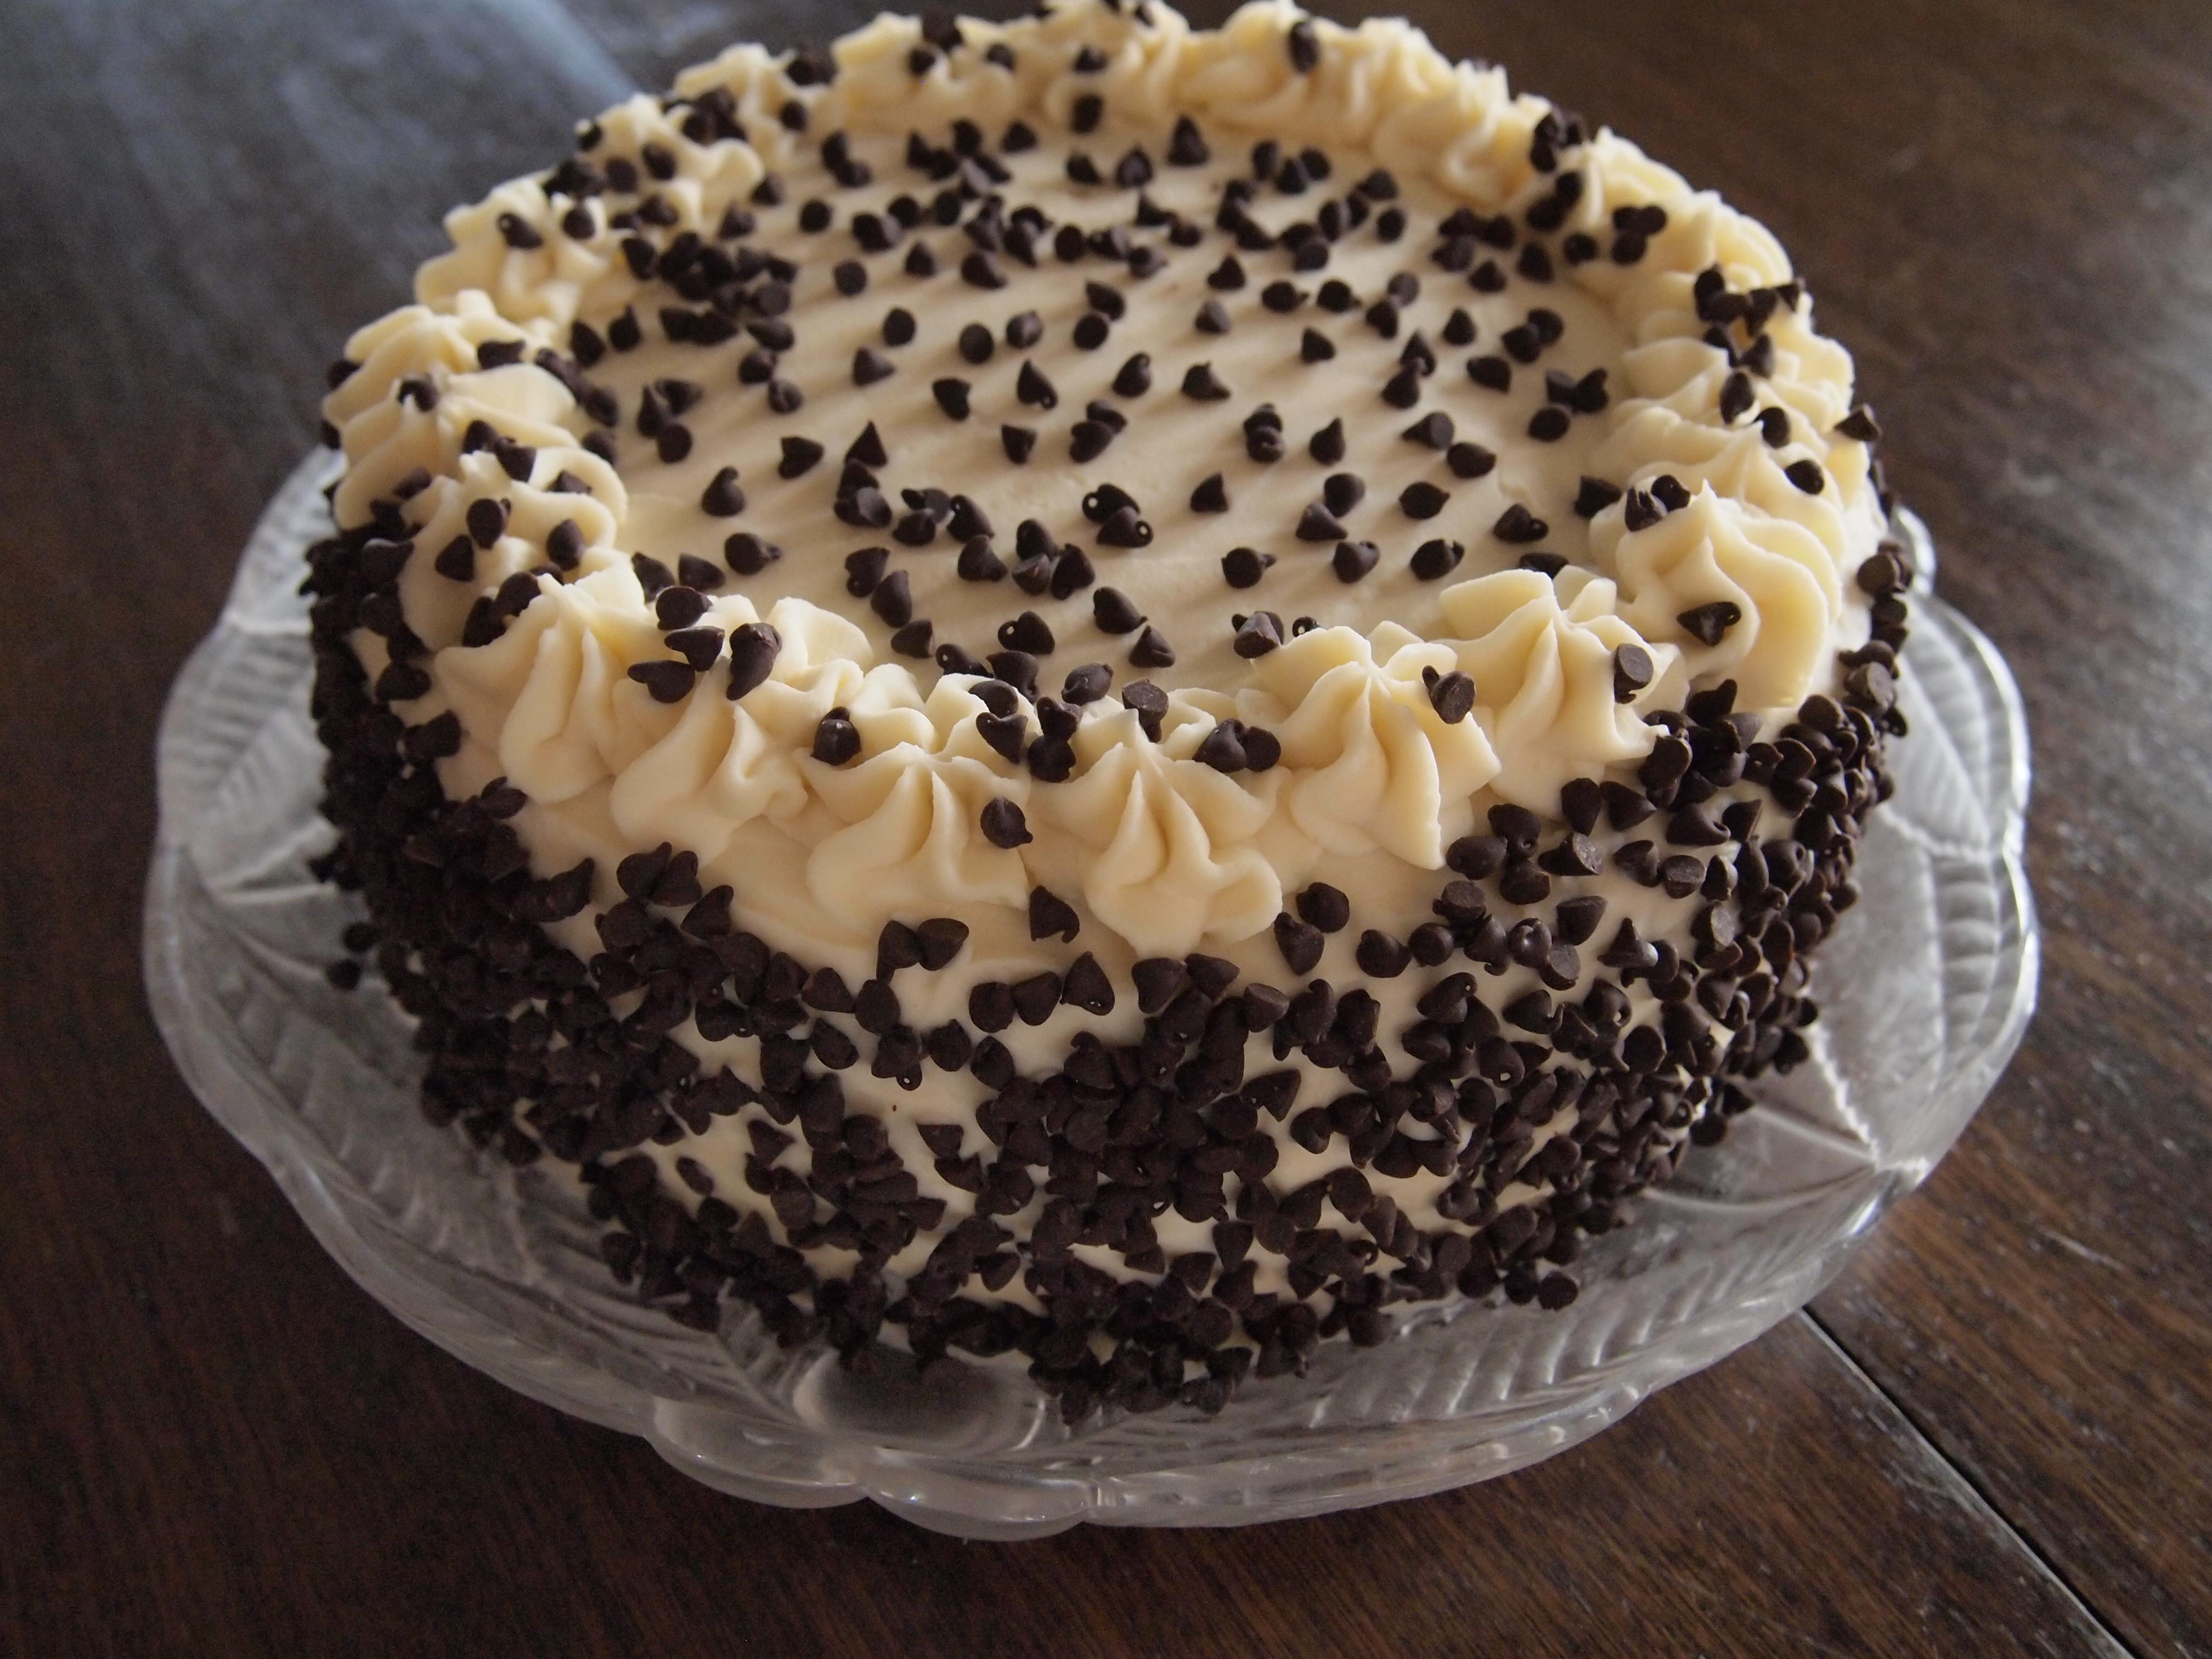 Italian Butter Cake